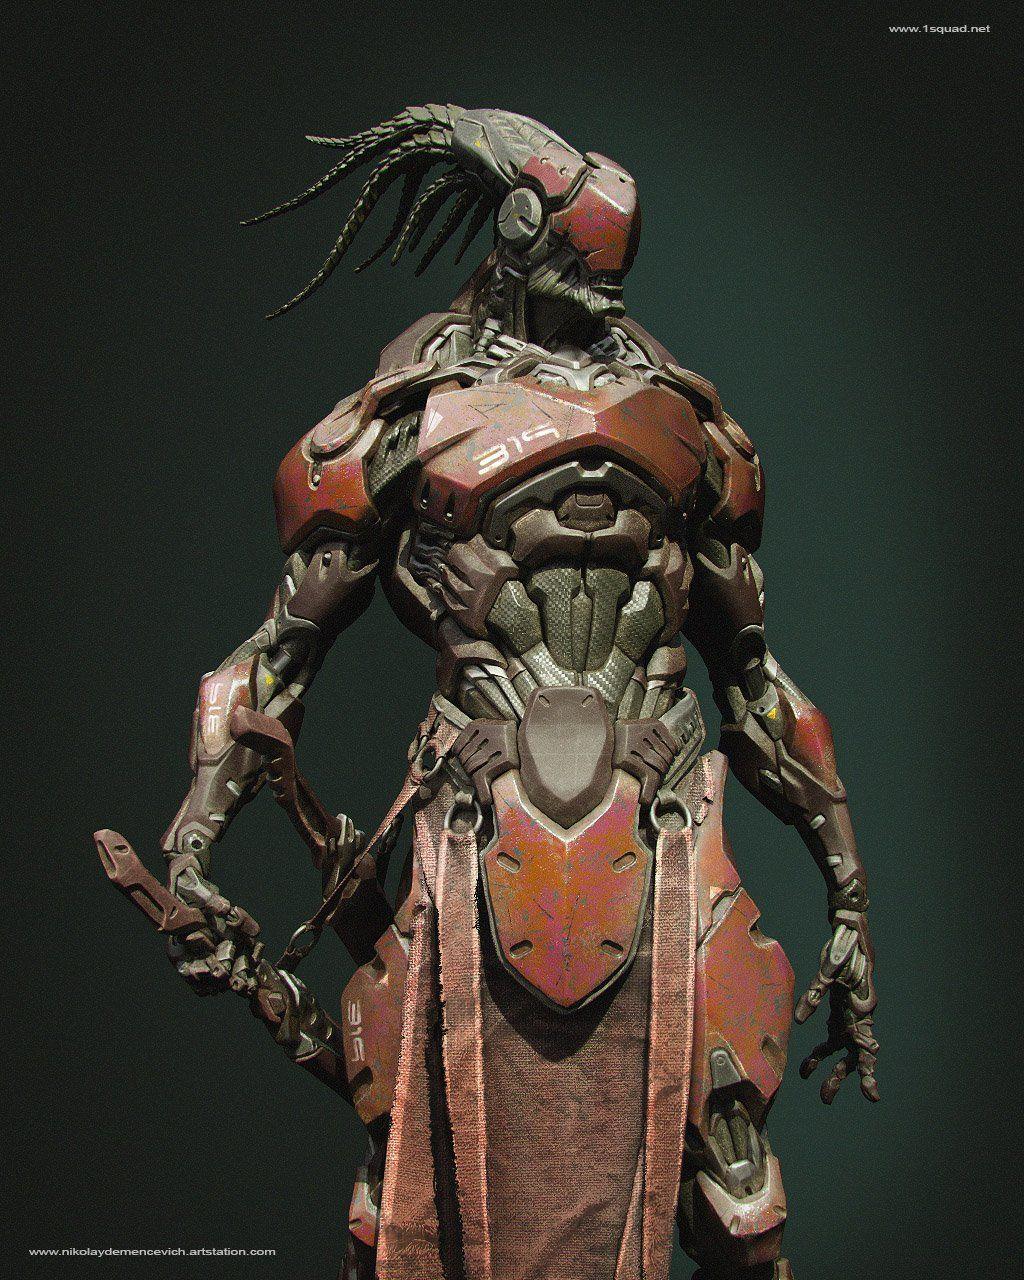 フォトリアルなSFキャラクター『Courir』のメイキング【2020